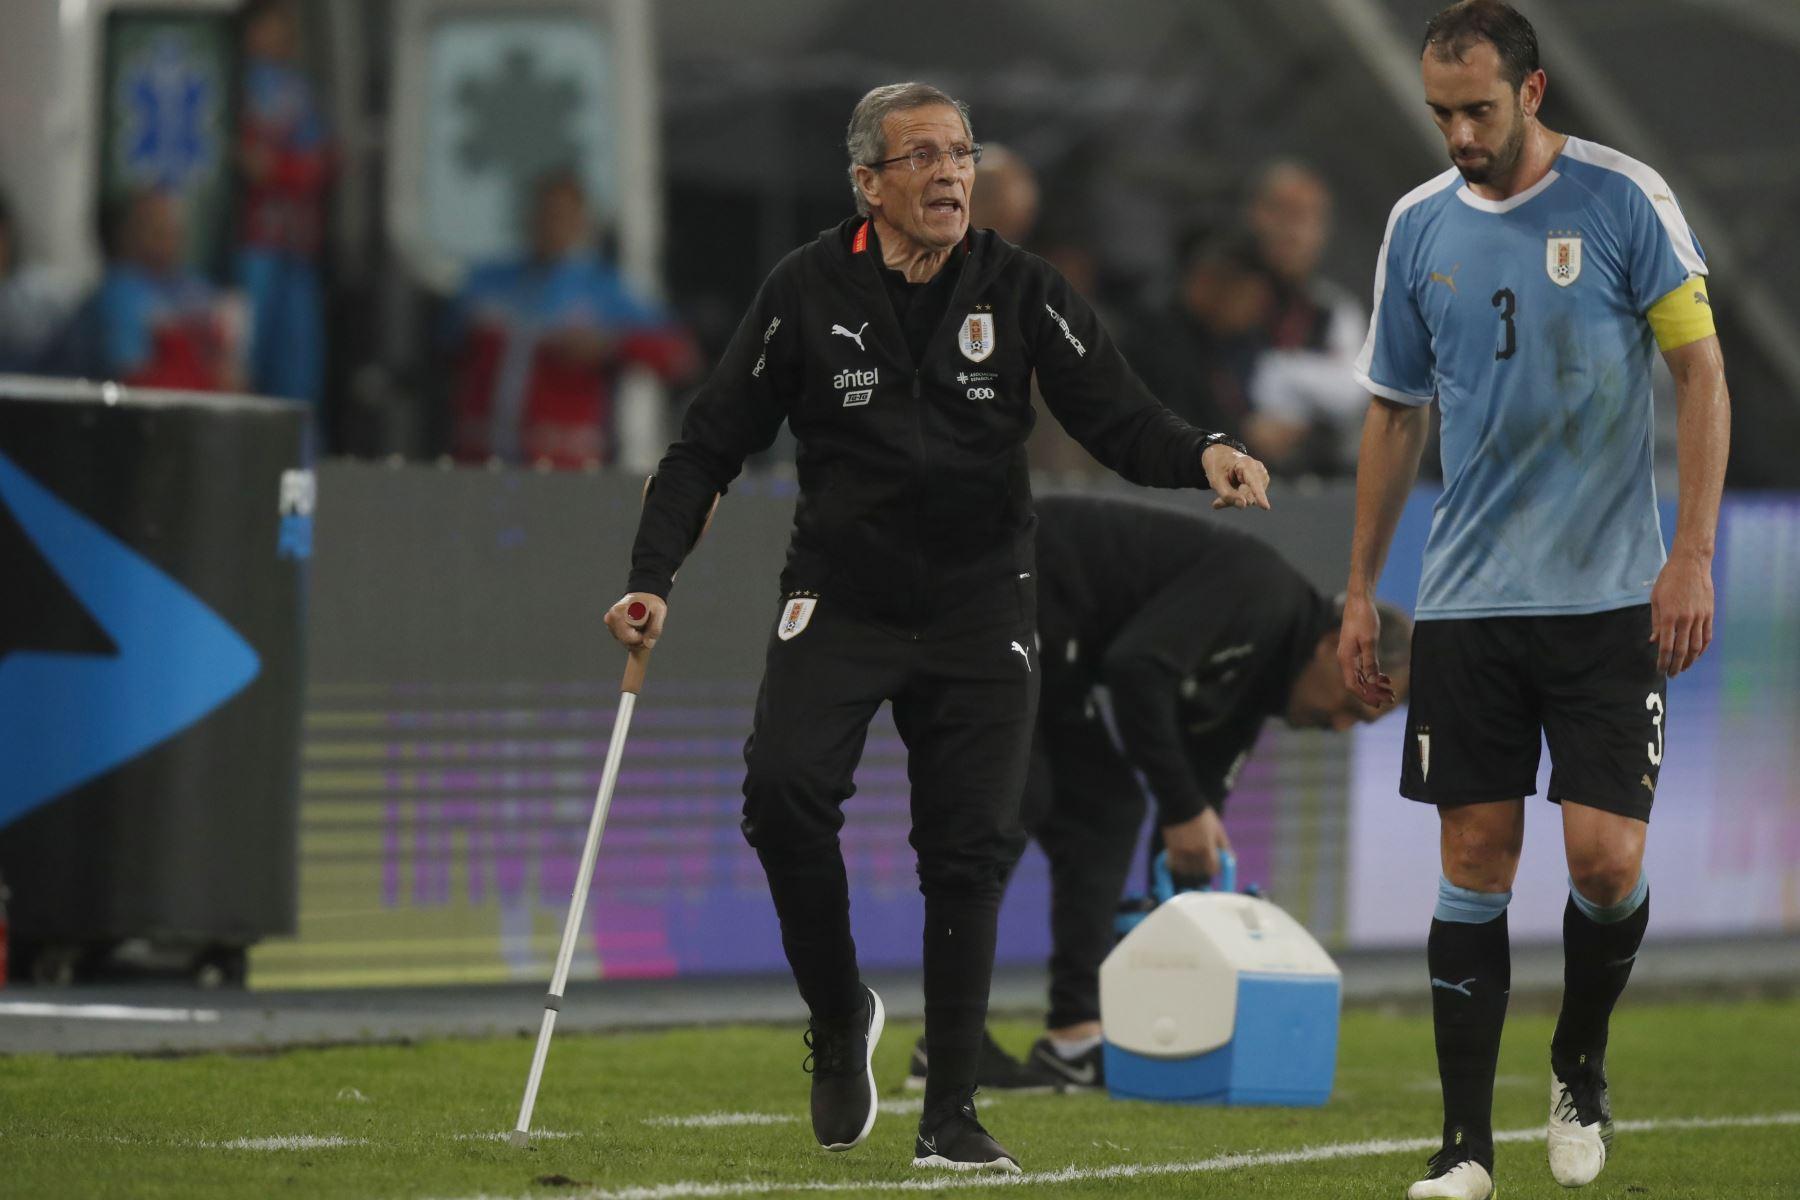 El entrenador uruguayo Óscar Tabárez alcanzó un hito con su selección al sumar 200 partidos al mando de la Celeste.Foto:ANDINA/ Carlos Lezama